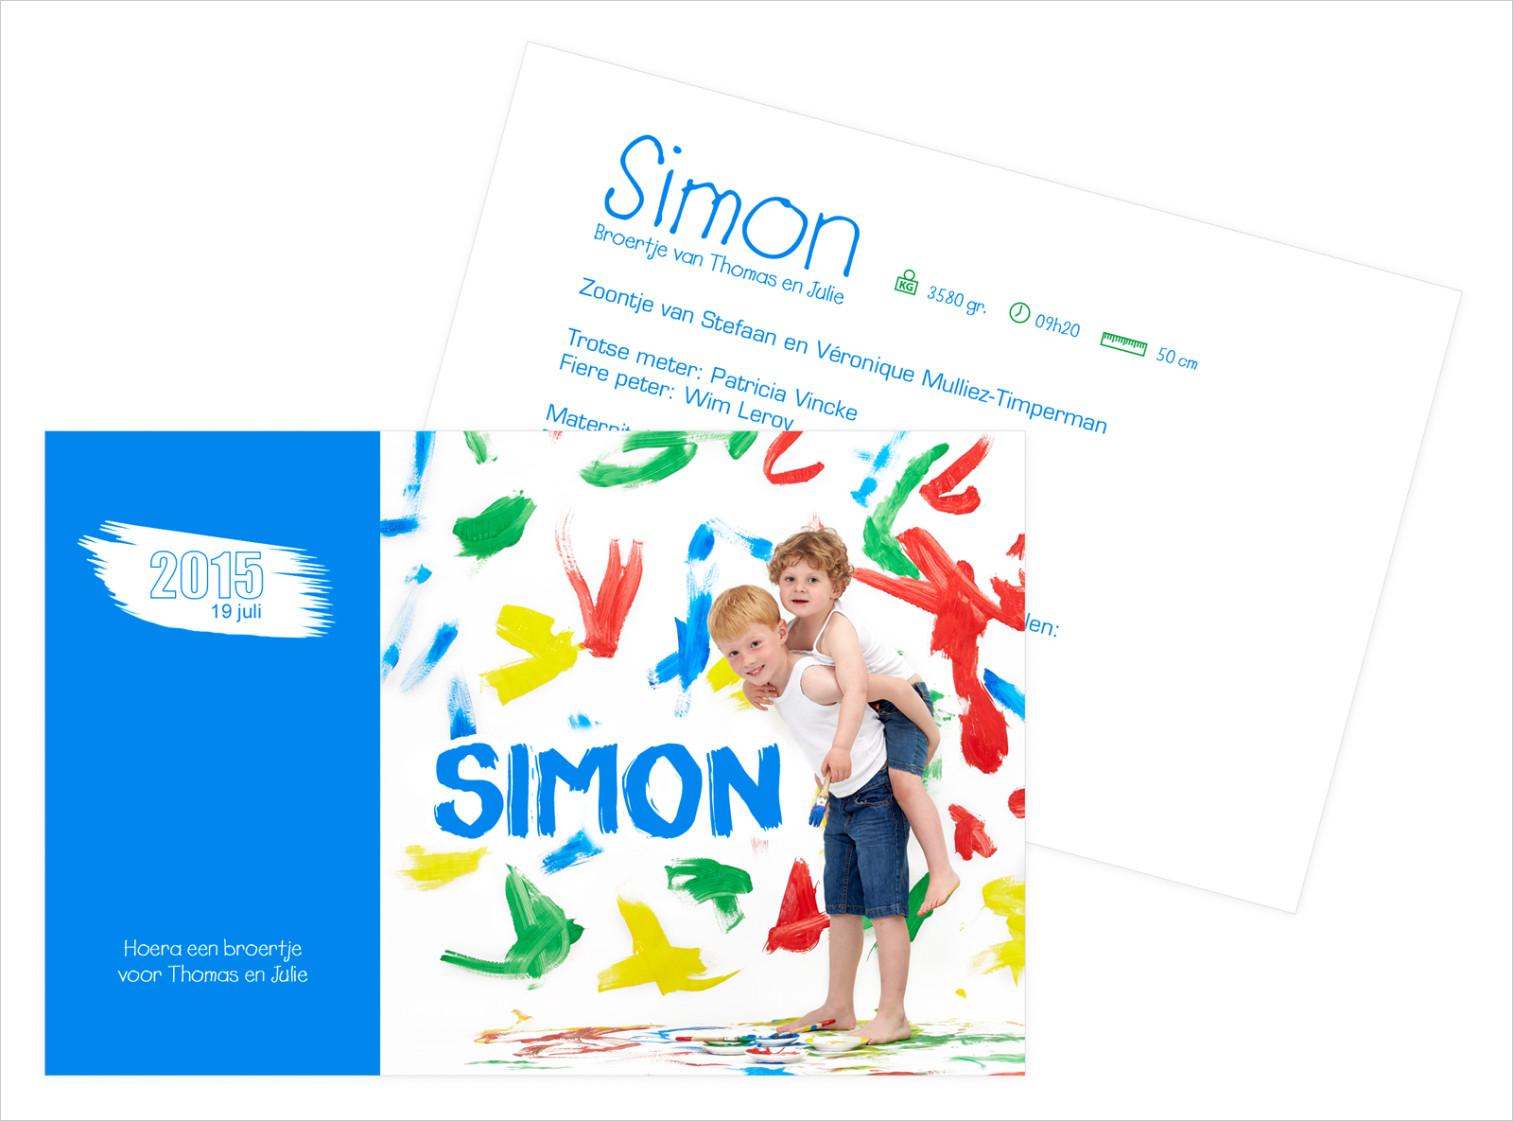 Geboortekaartje met foto van Simon